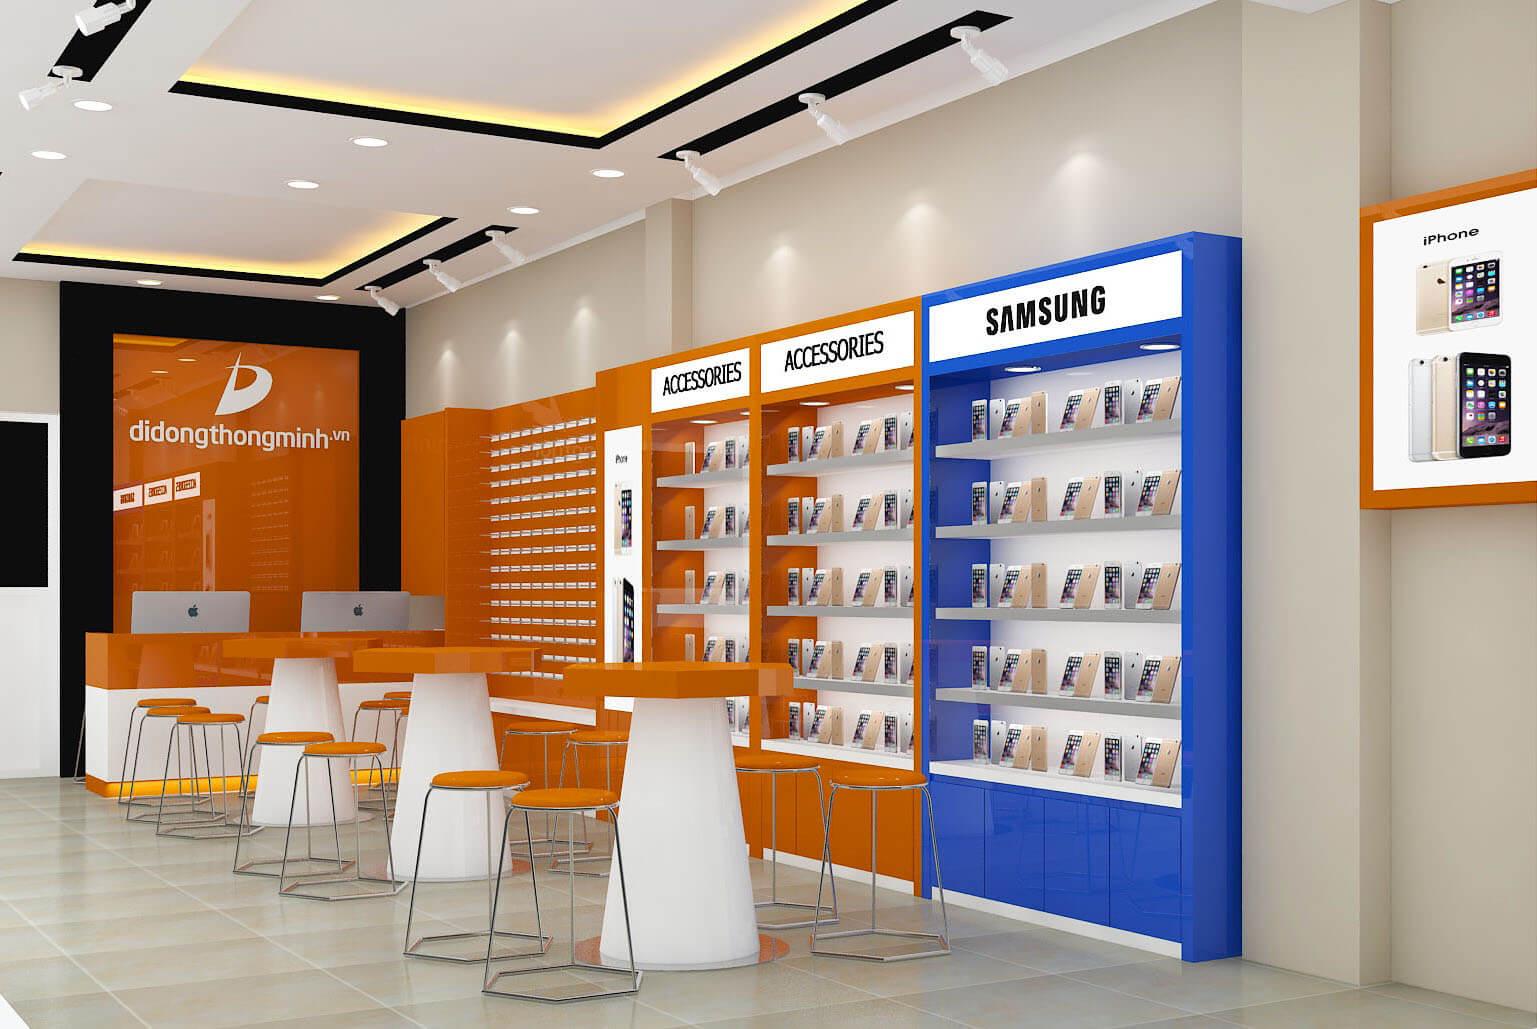 Tủ điện thoại đại diện cho các hãng mà cty phân phối